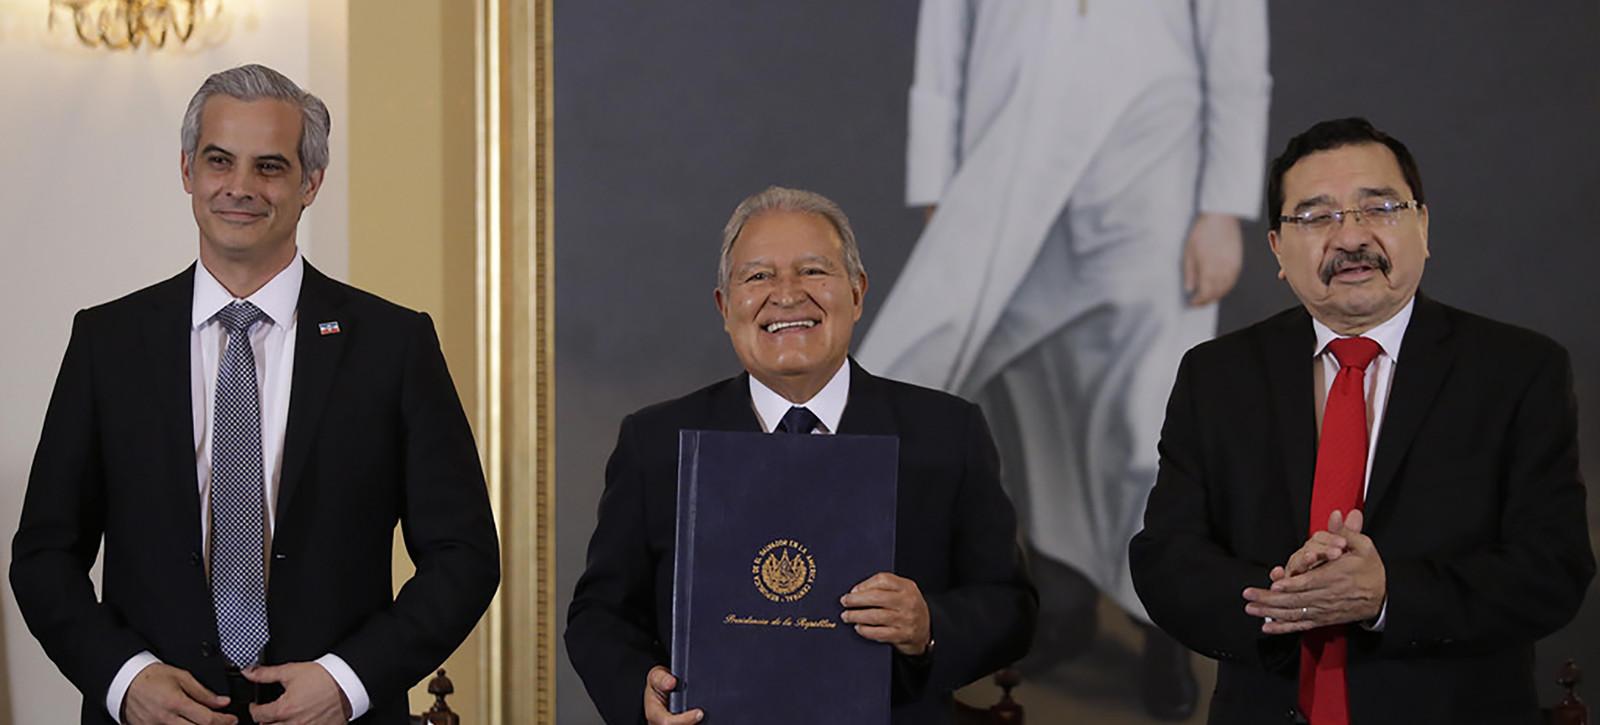 La amnistía de Arena y FMLN busca anular el informe de la Comisión de la  Verdad - ElFaro.net